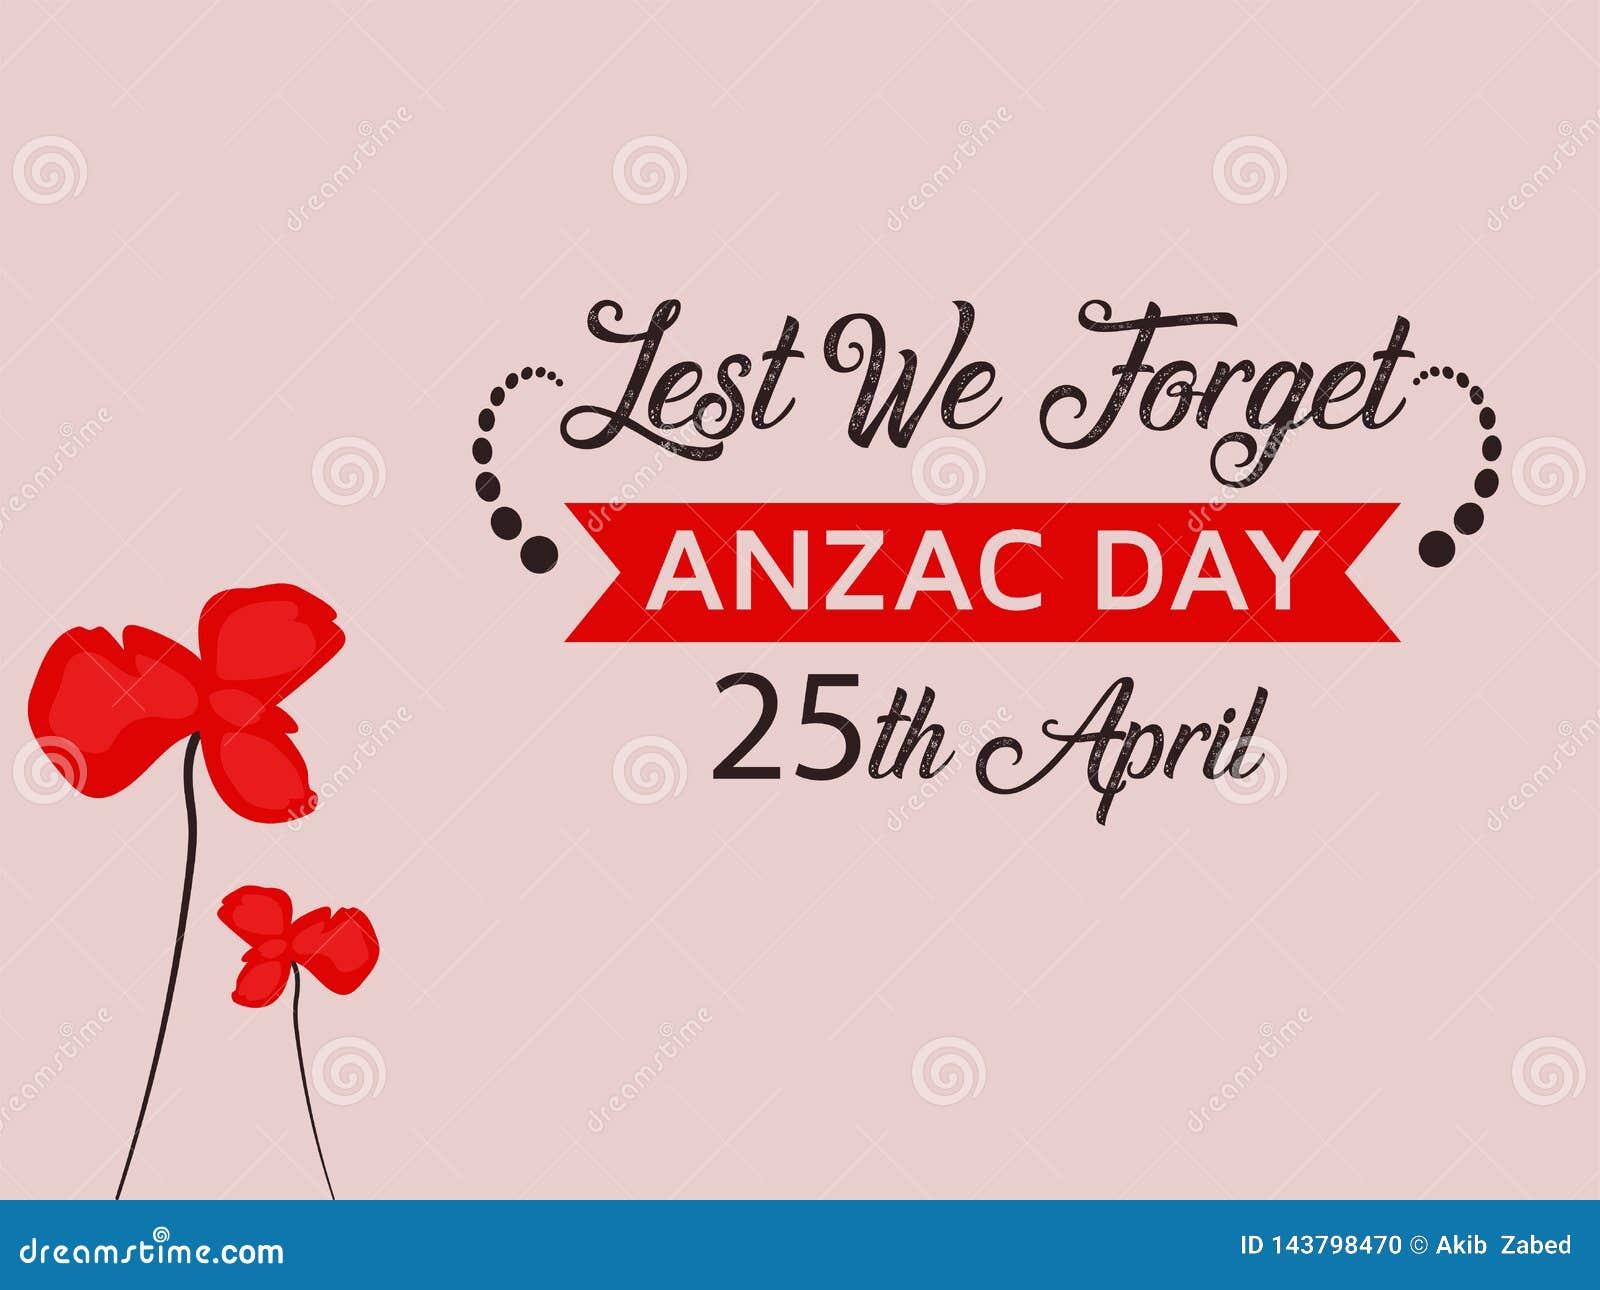 Anzac Day Illustration met de aardige rode achtergrond van de papaverbloem